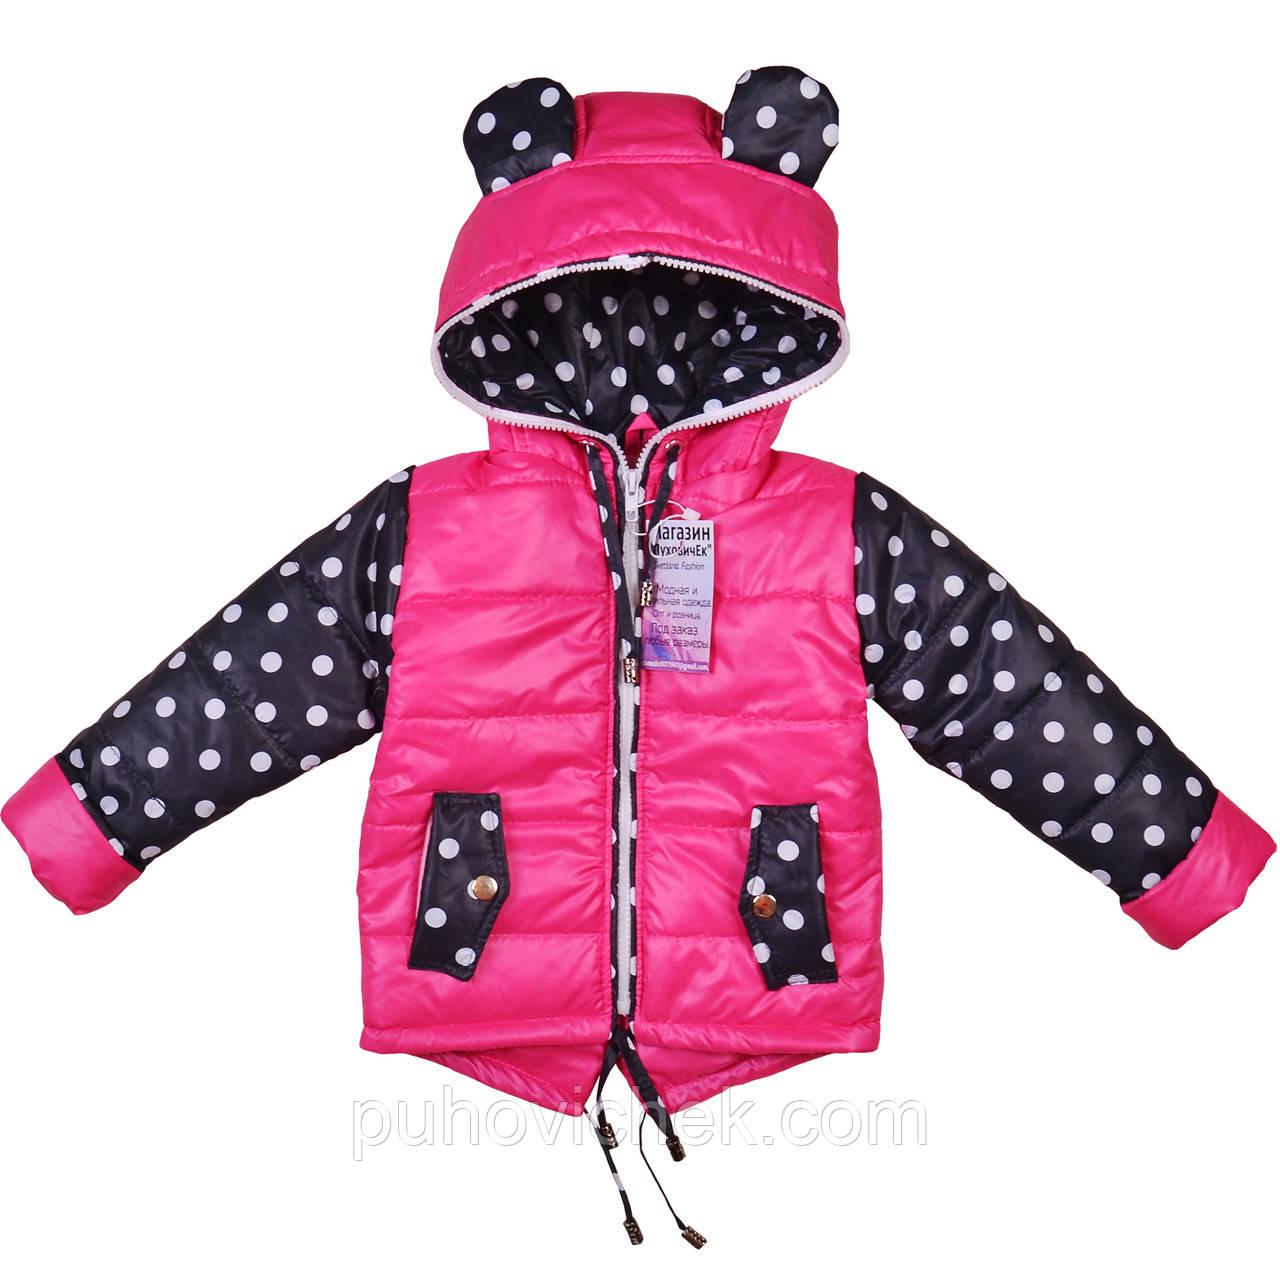 9f234182ca03 Детская куртка парка на девочку весна осень - Интернет магазин Линия одежды  в Харькове